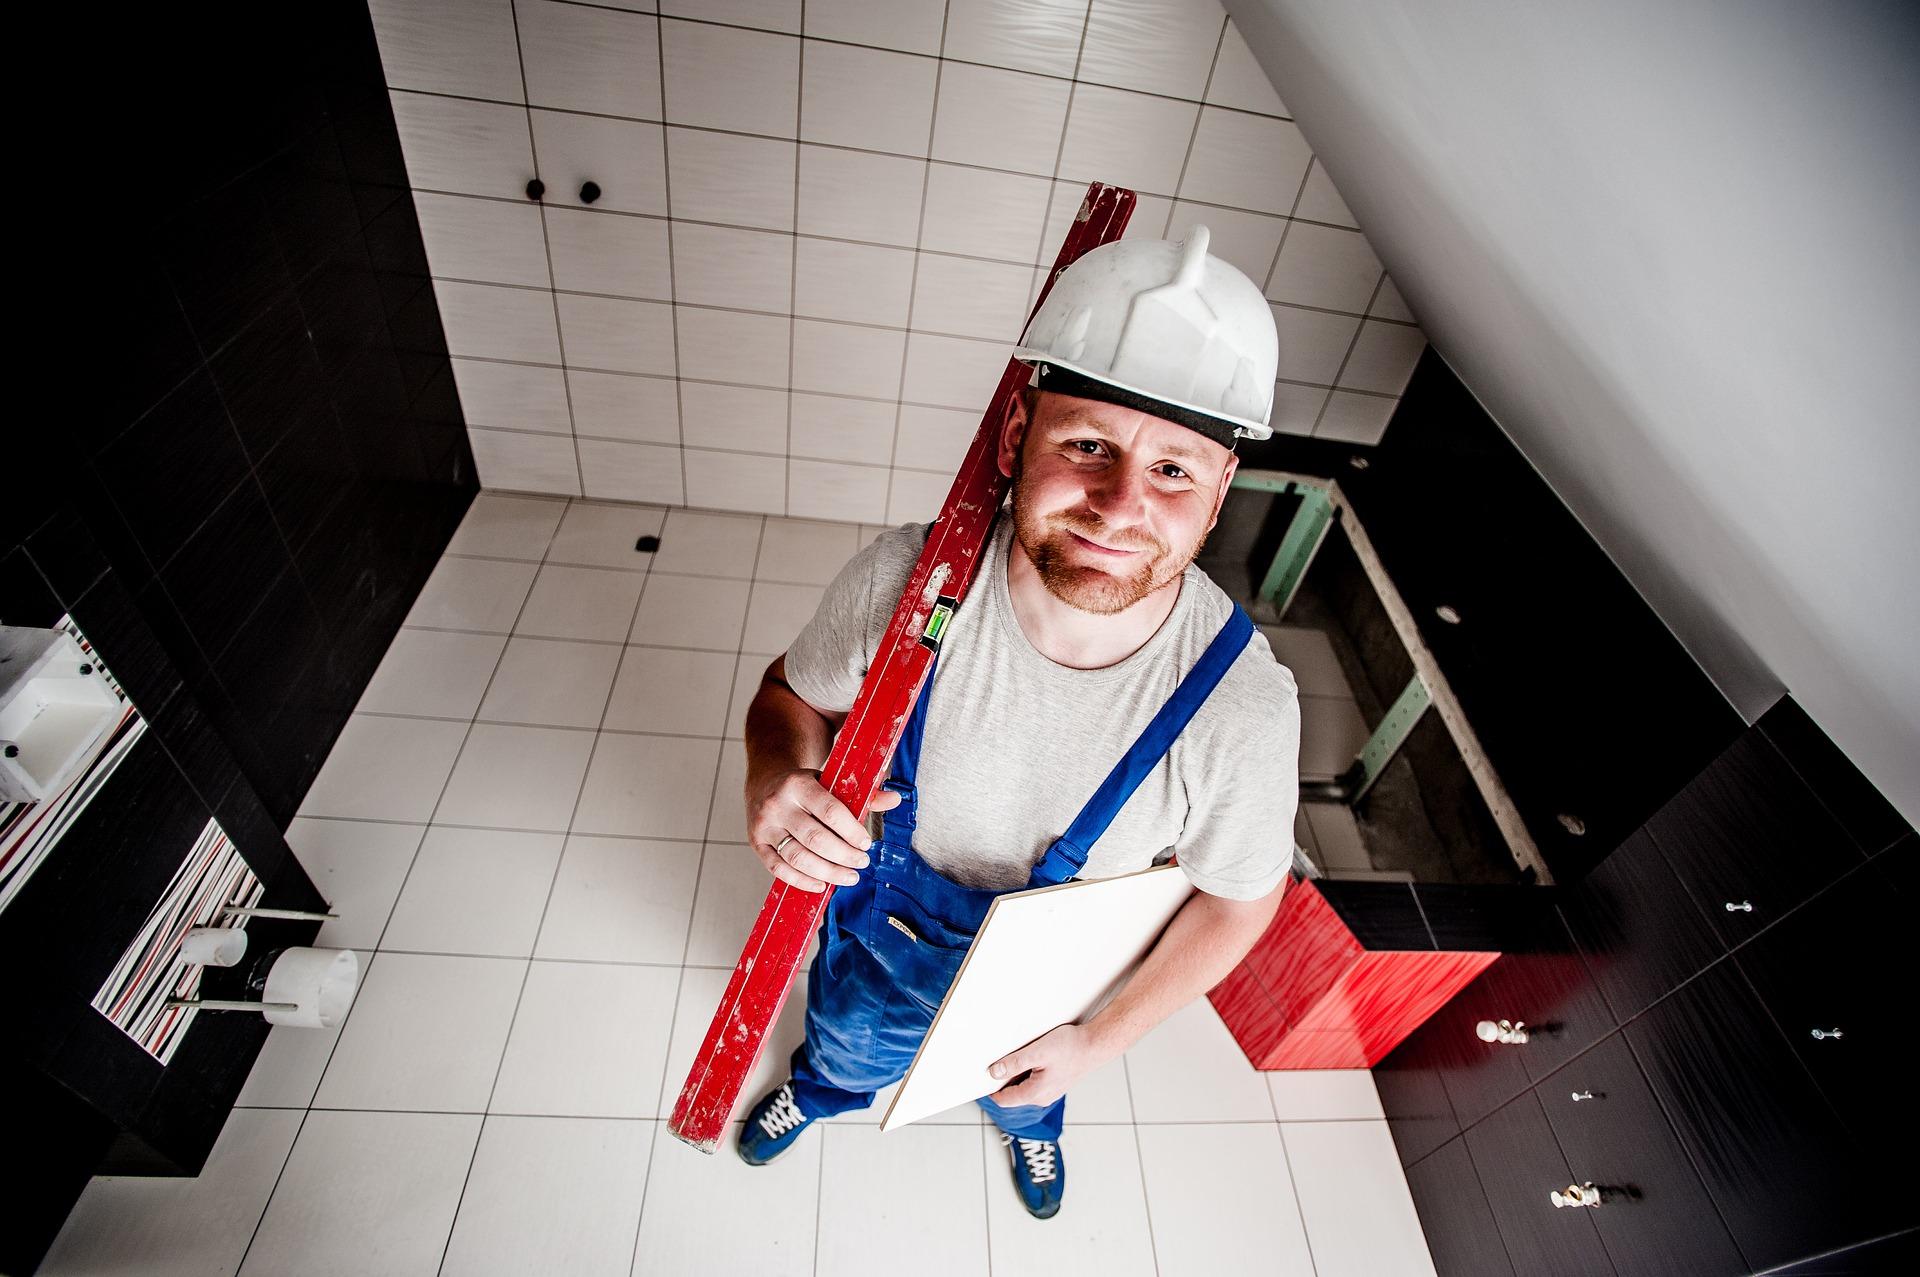 施工管理技士などの資格を取得するメリット